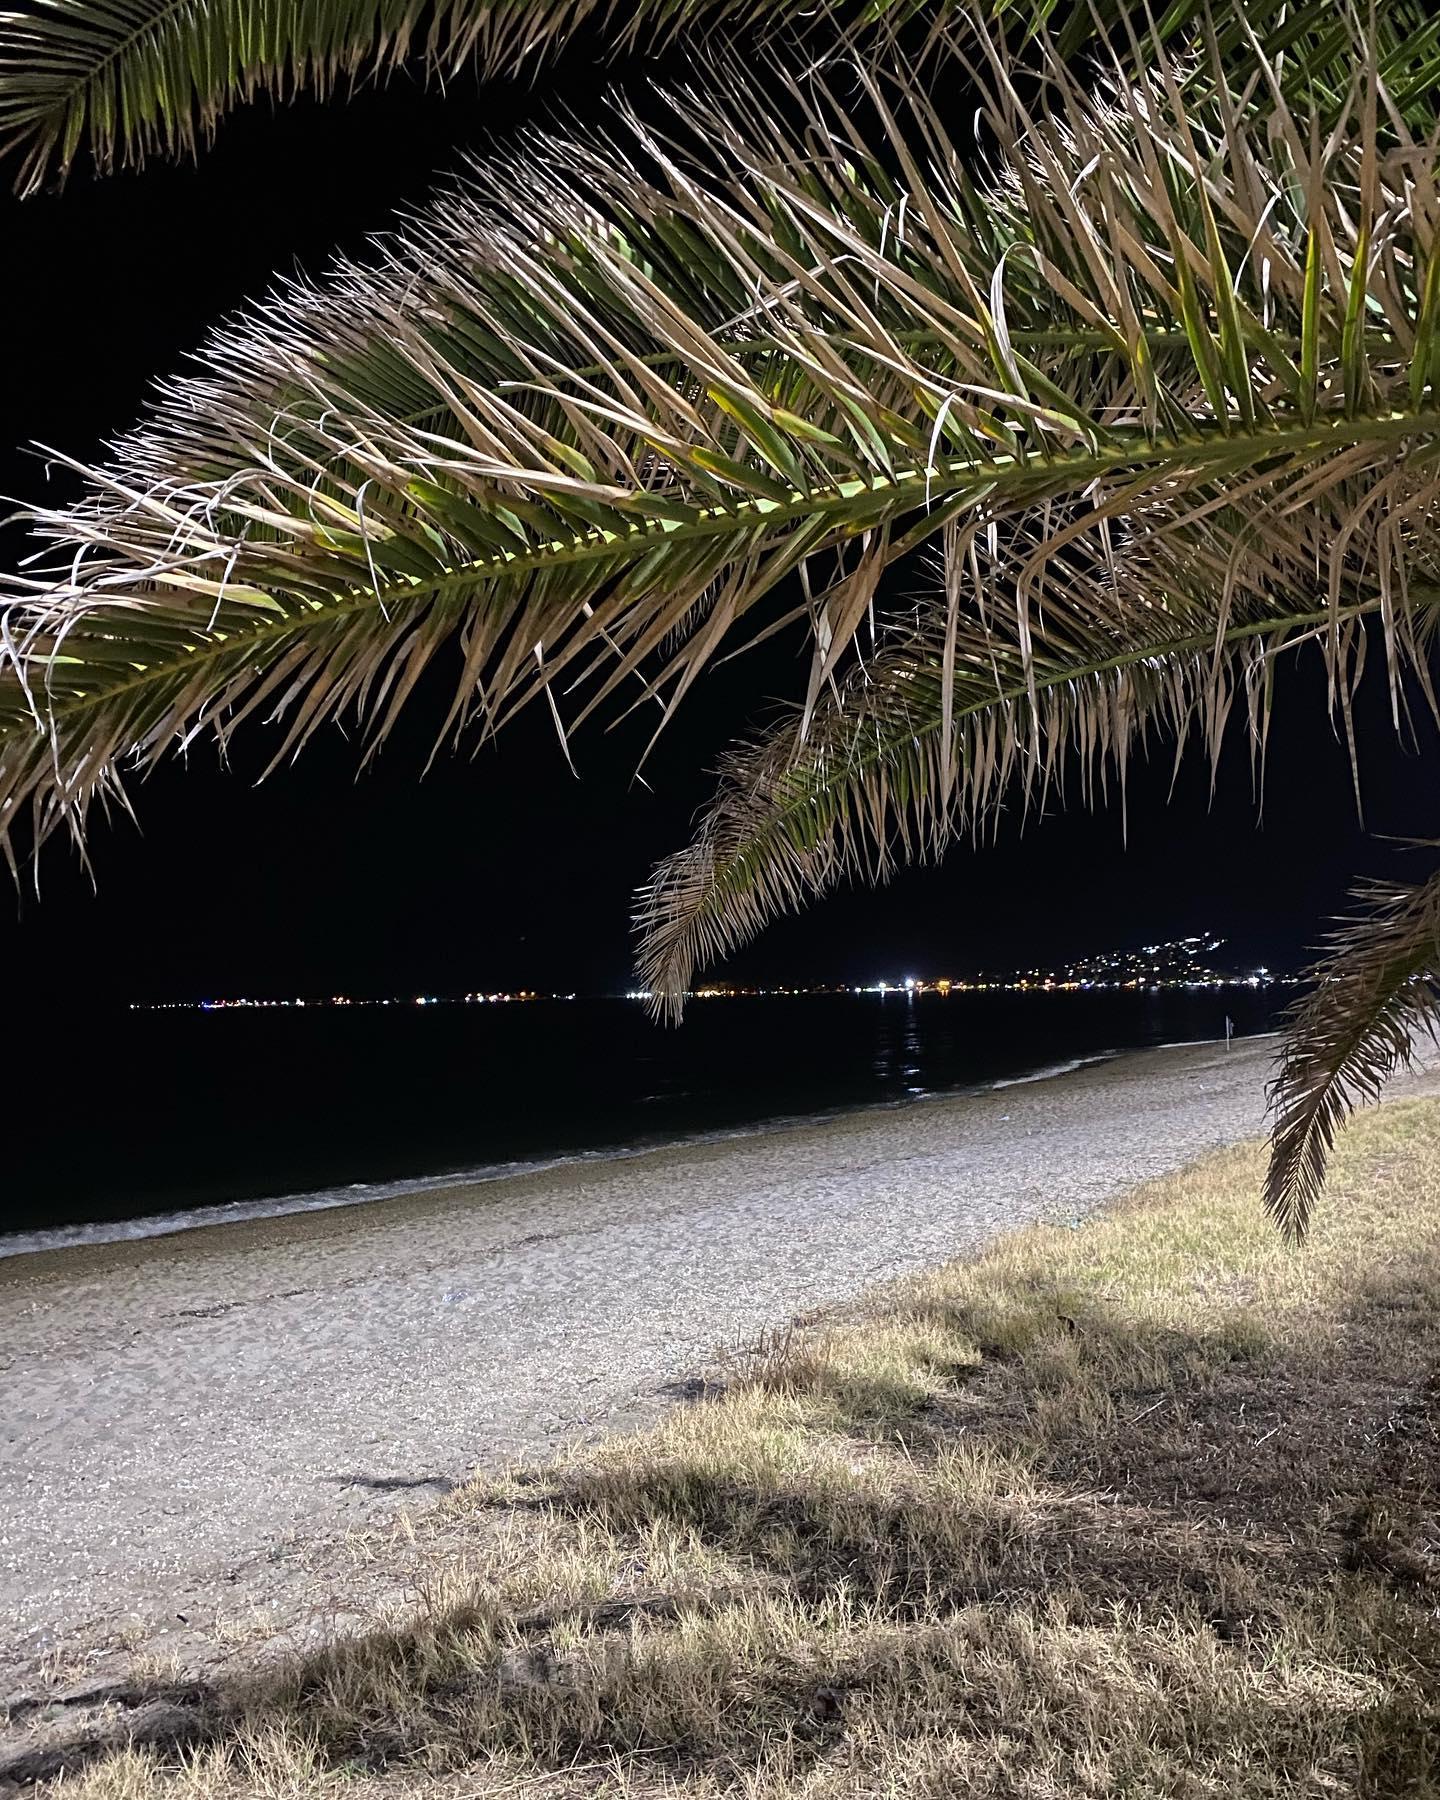 Ein kleiner Spaziergang am Strand lohnt sich auch am Abend. ✨ …